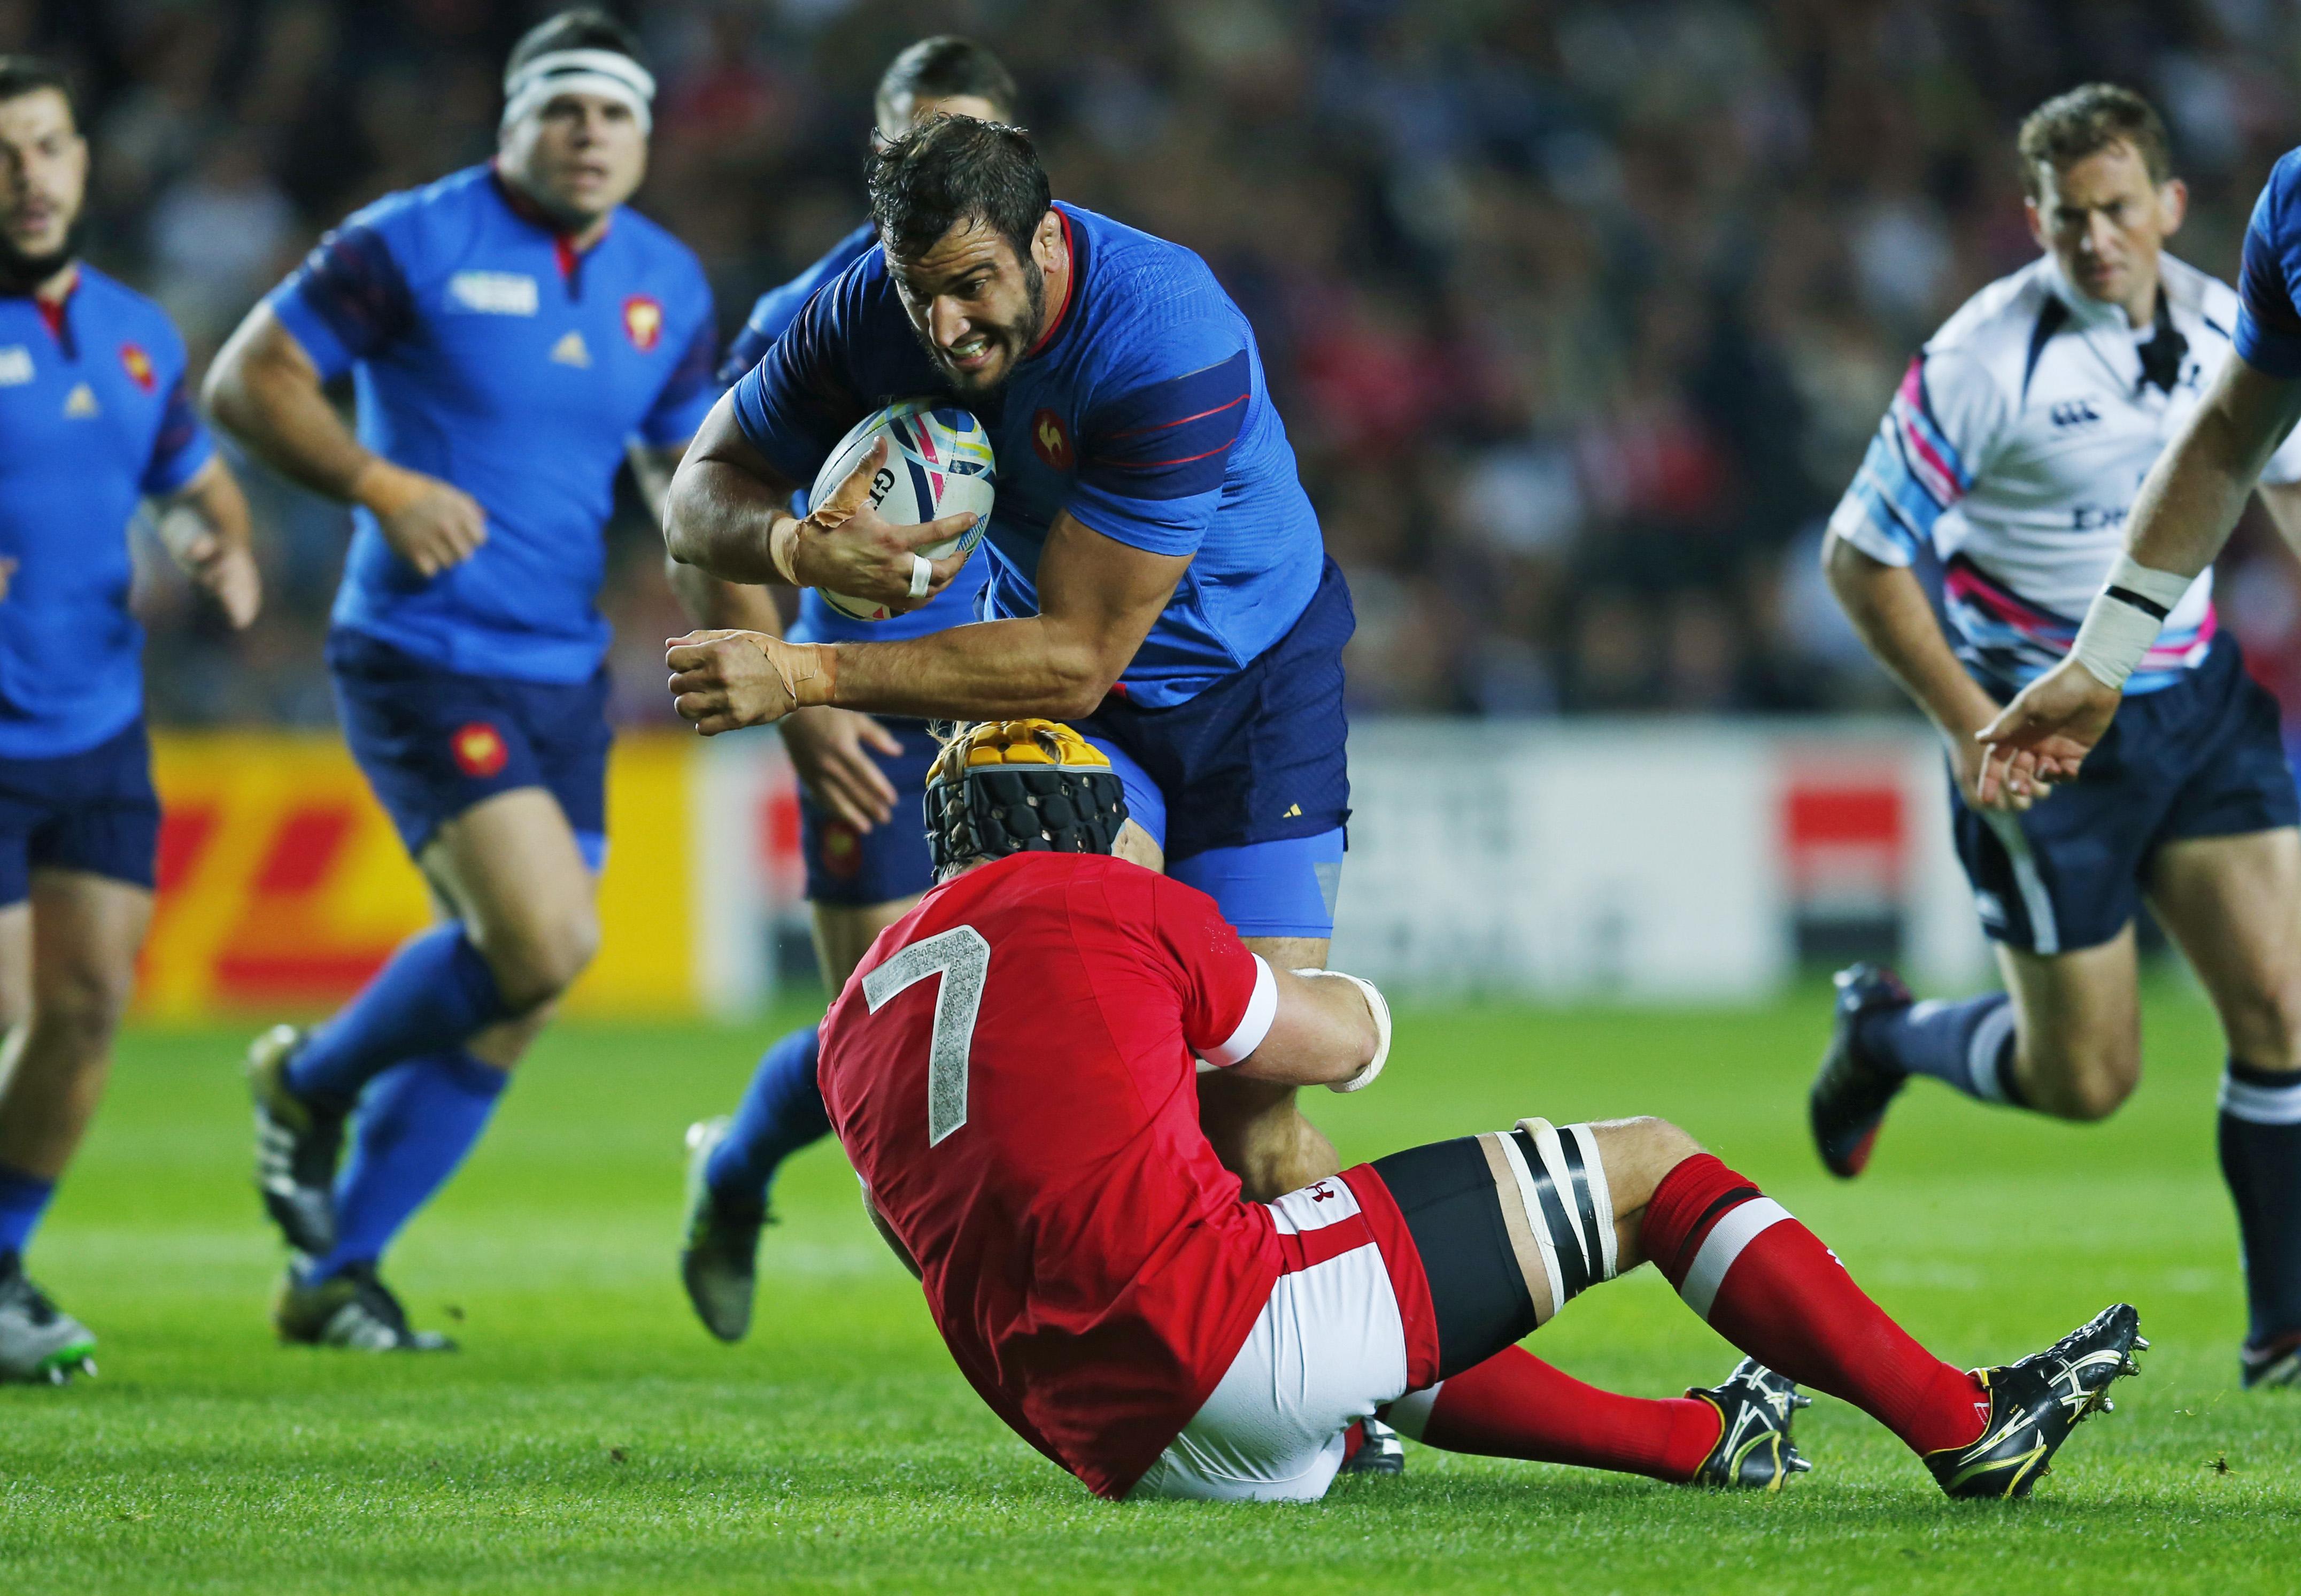 Revivez france canada coupe du monde 2015 rugby - Classement poule coupe du monde rugby 2015 ...